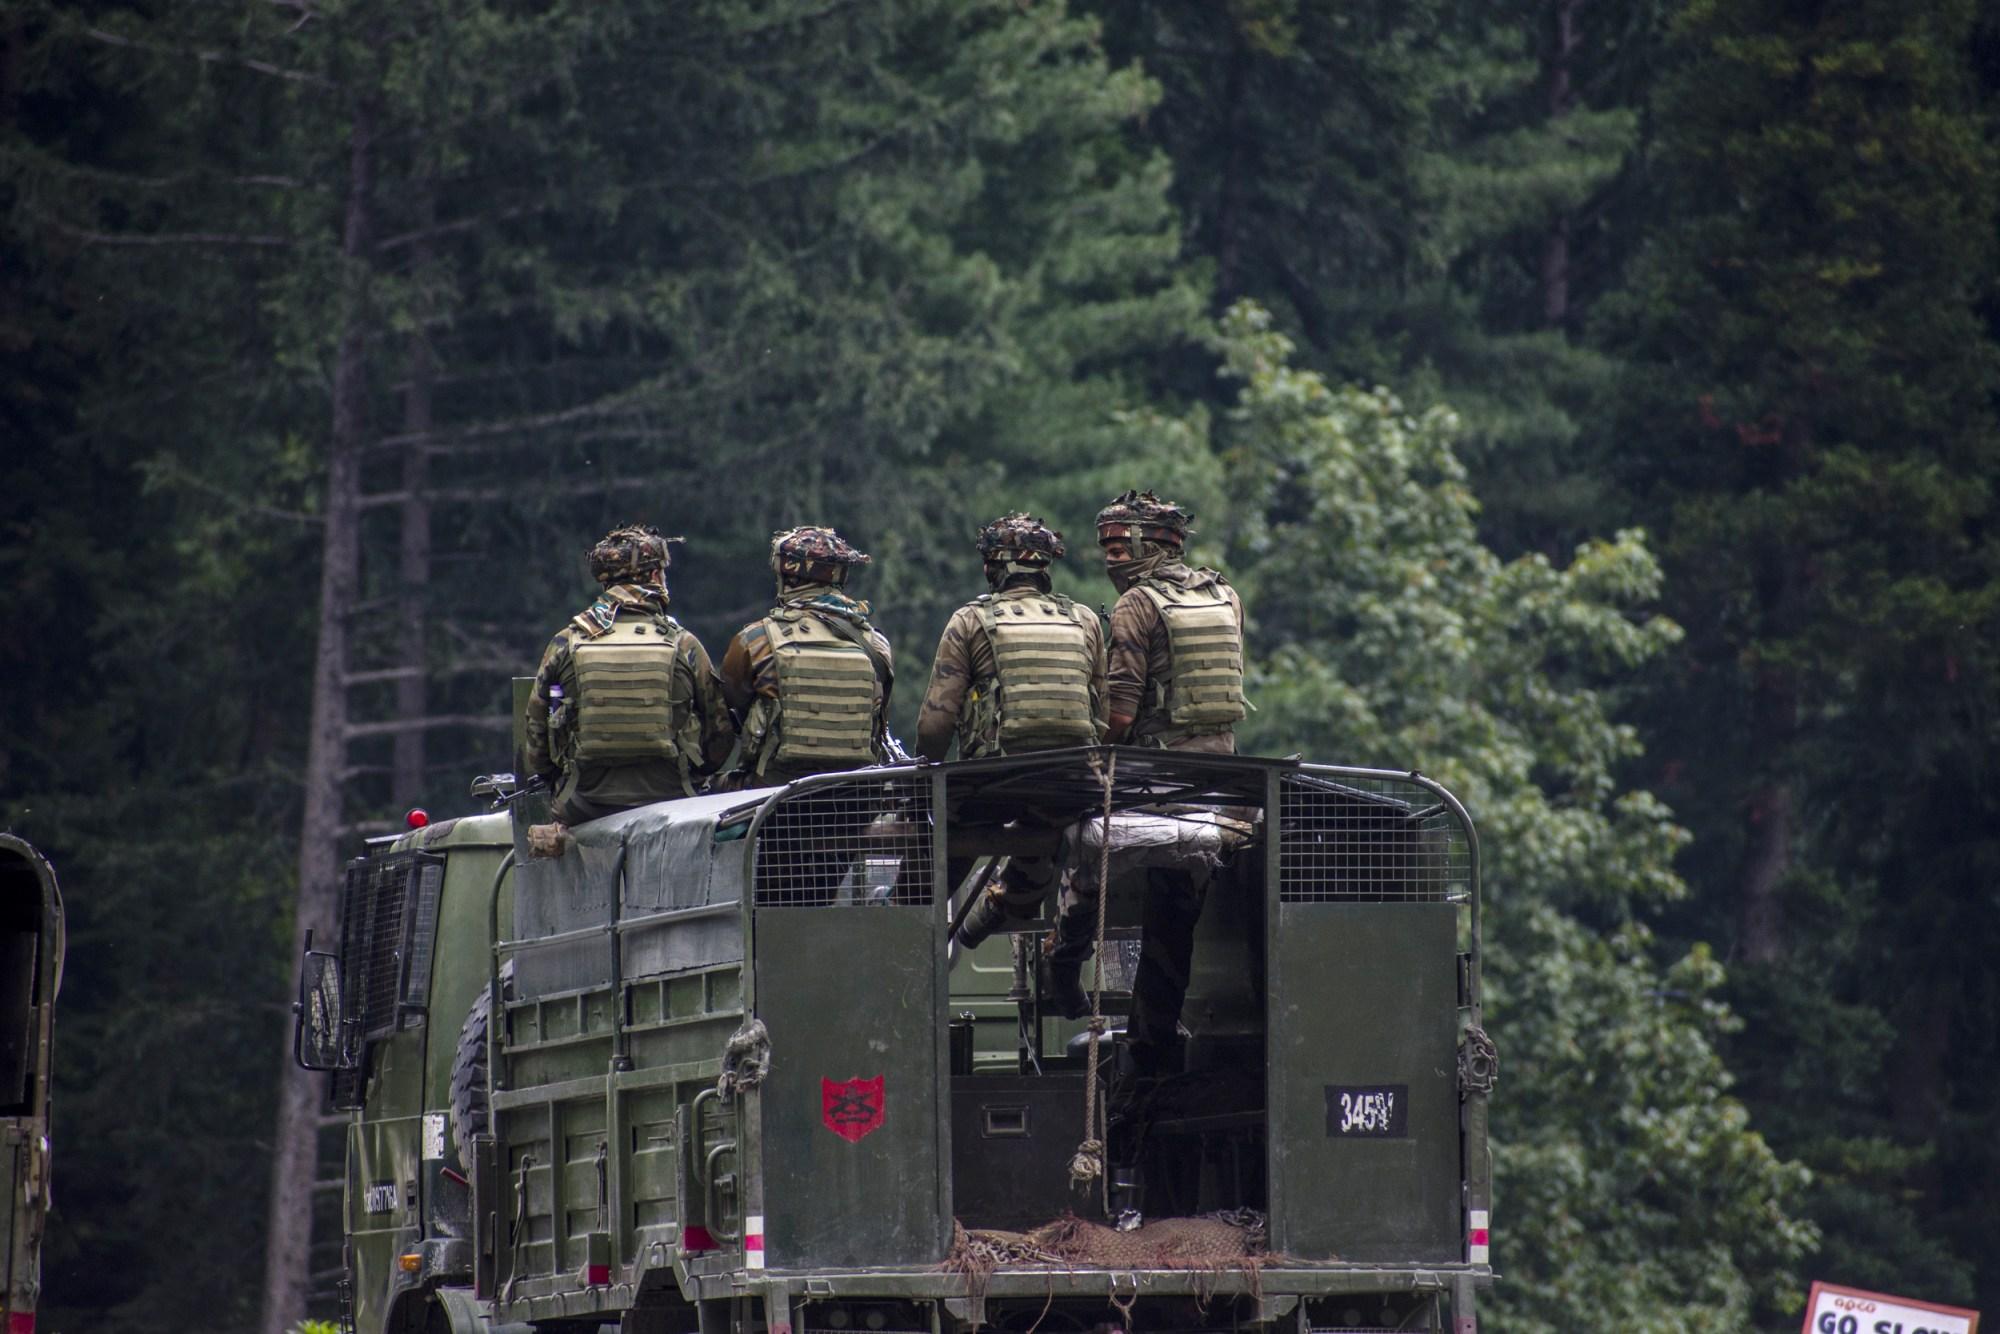 210211-indian-army-al-0609_a0725813027dd44aadb945ba7c8b0639.fit-2000w.jpg